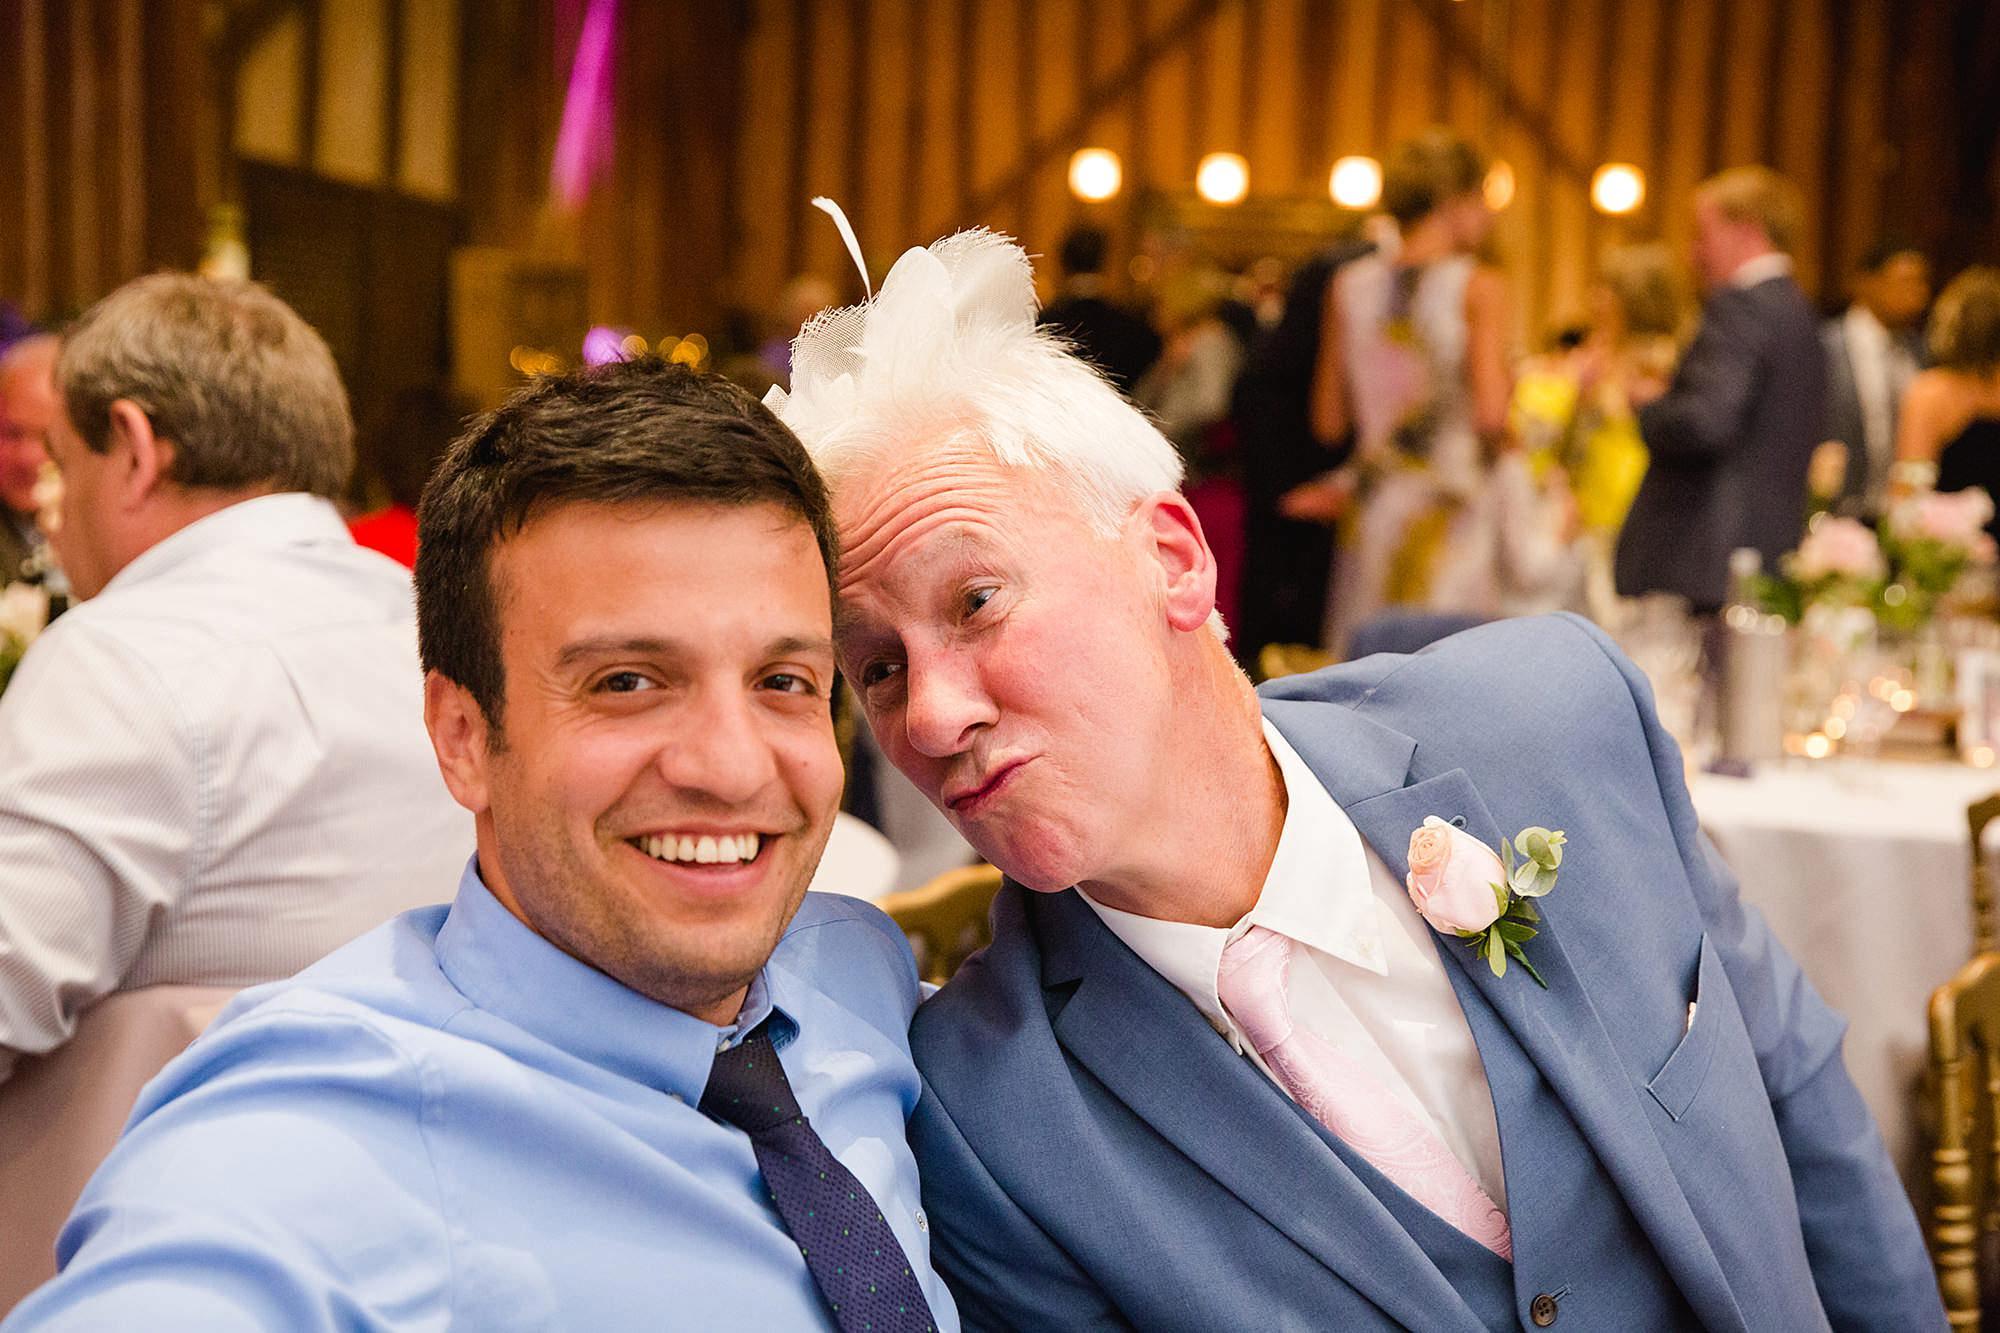 Lillibrooke Manor wedding fun y guest portrait